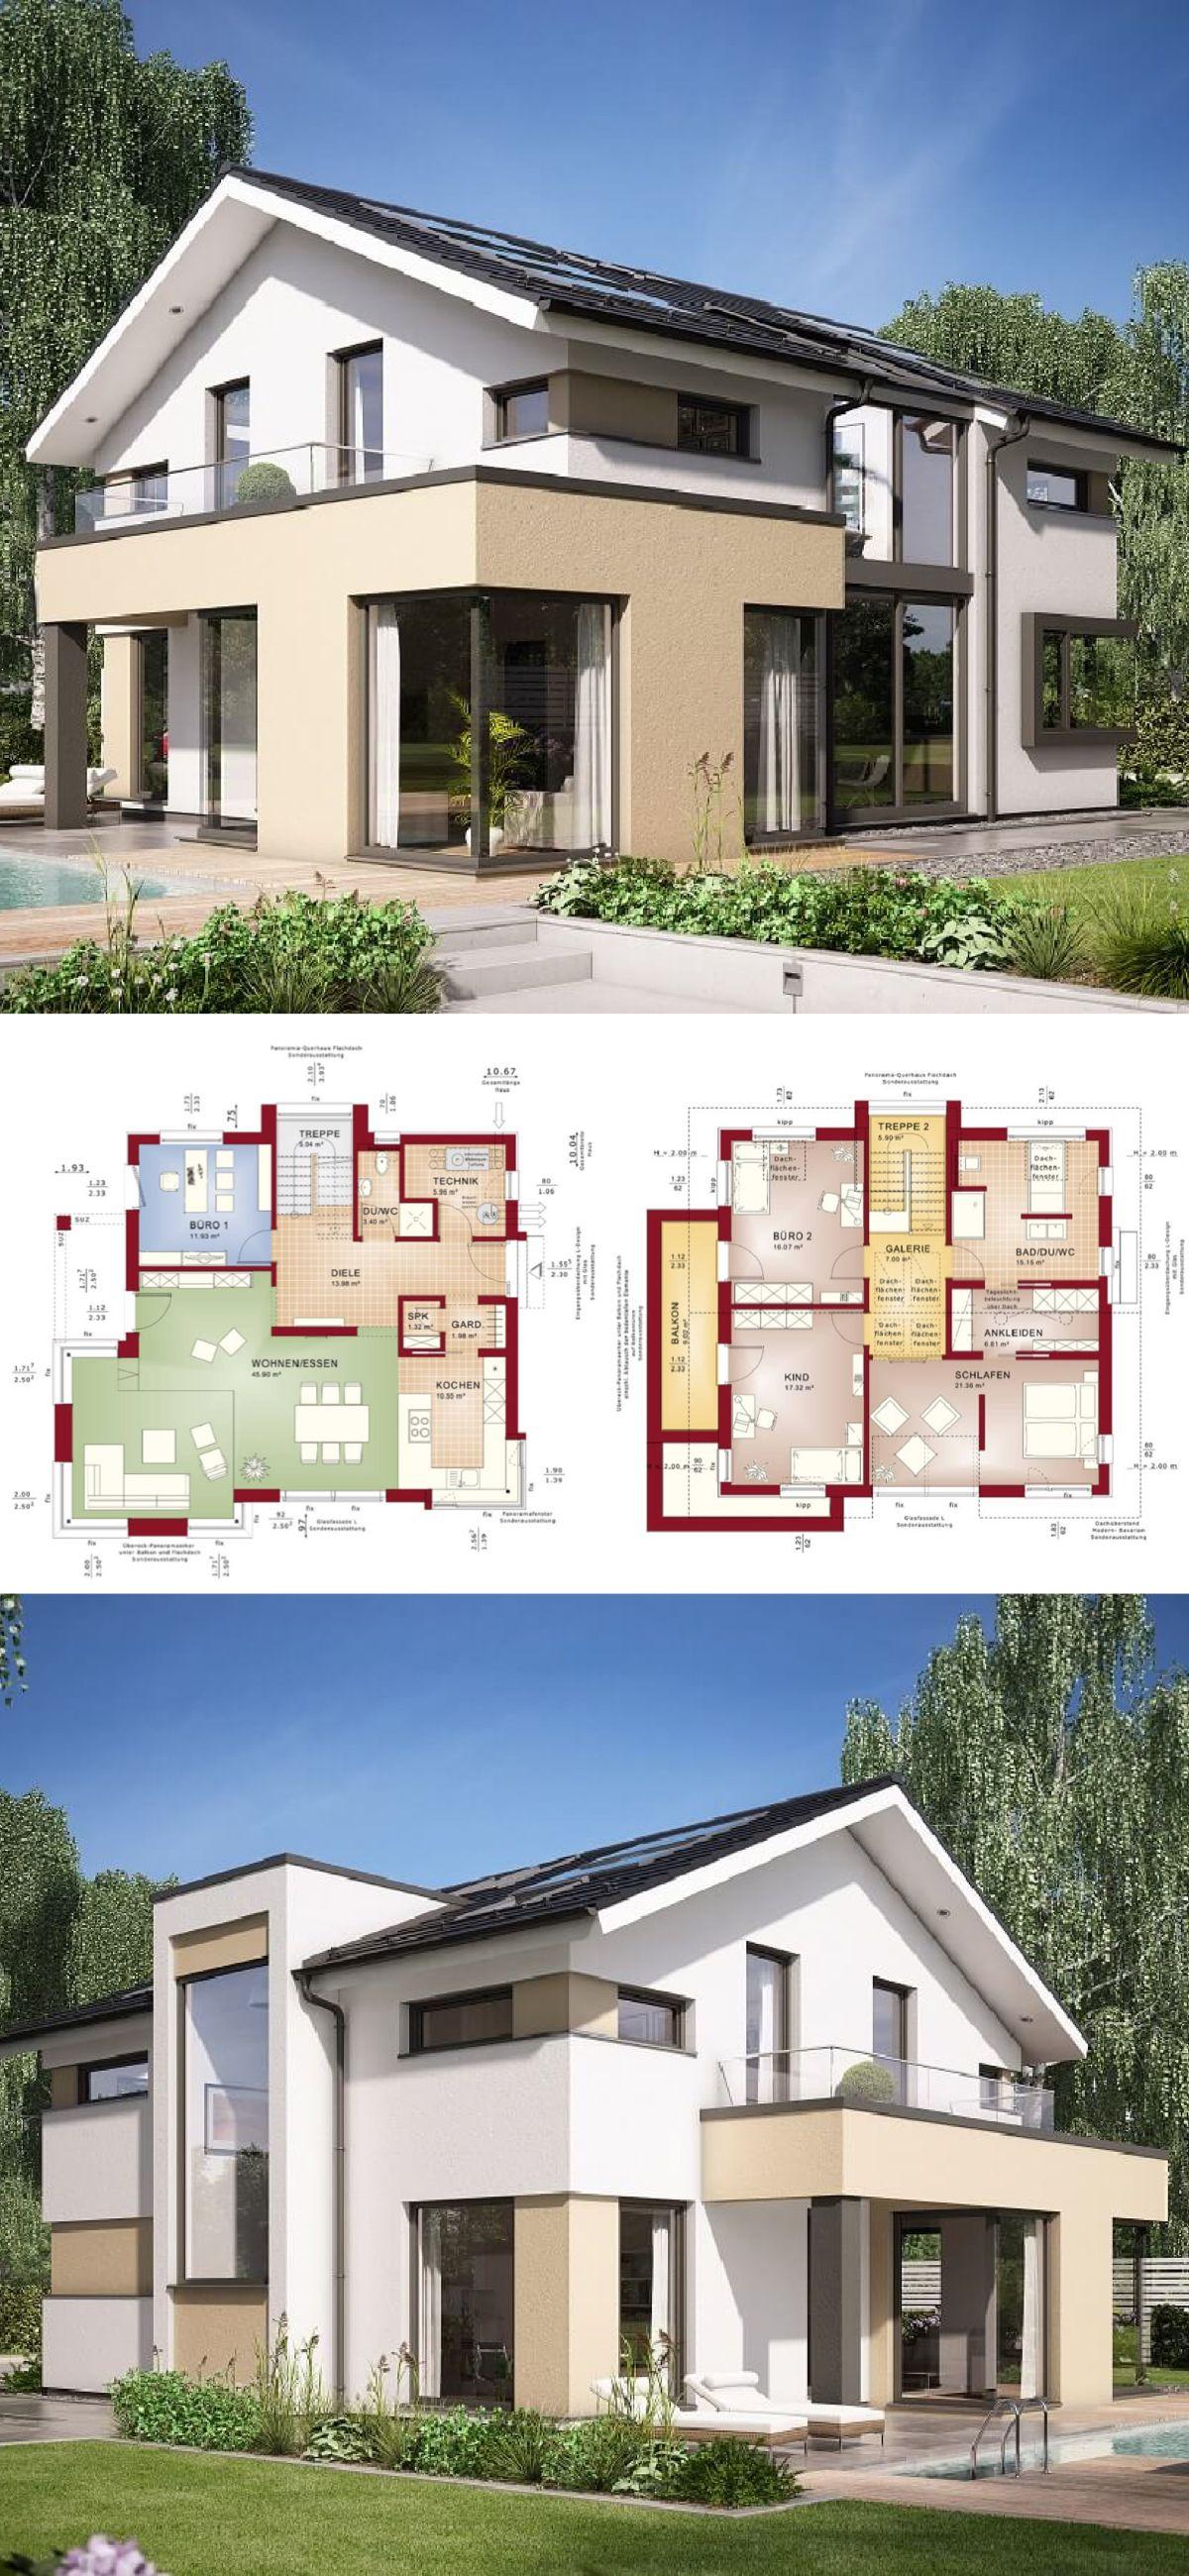 Einfamilienhaus Architektur Modern Mit Galerie U0026 Satteldach   Haus Bauen  Grundriss Fertighaus Design Concept M